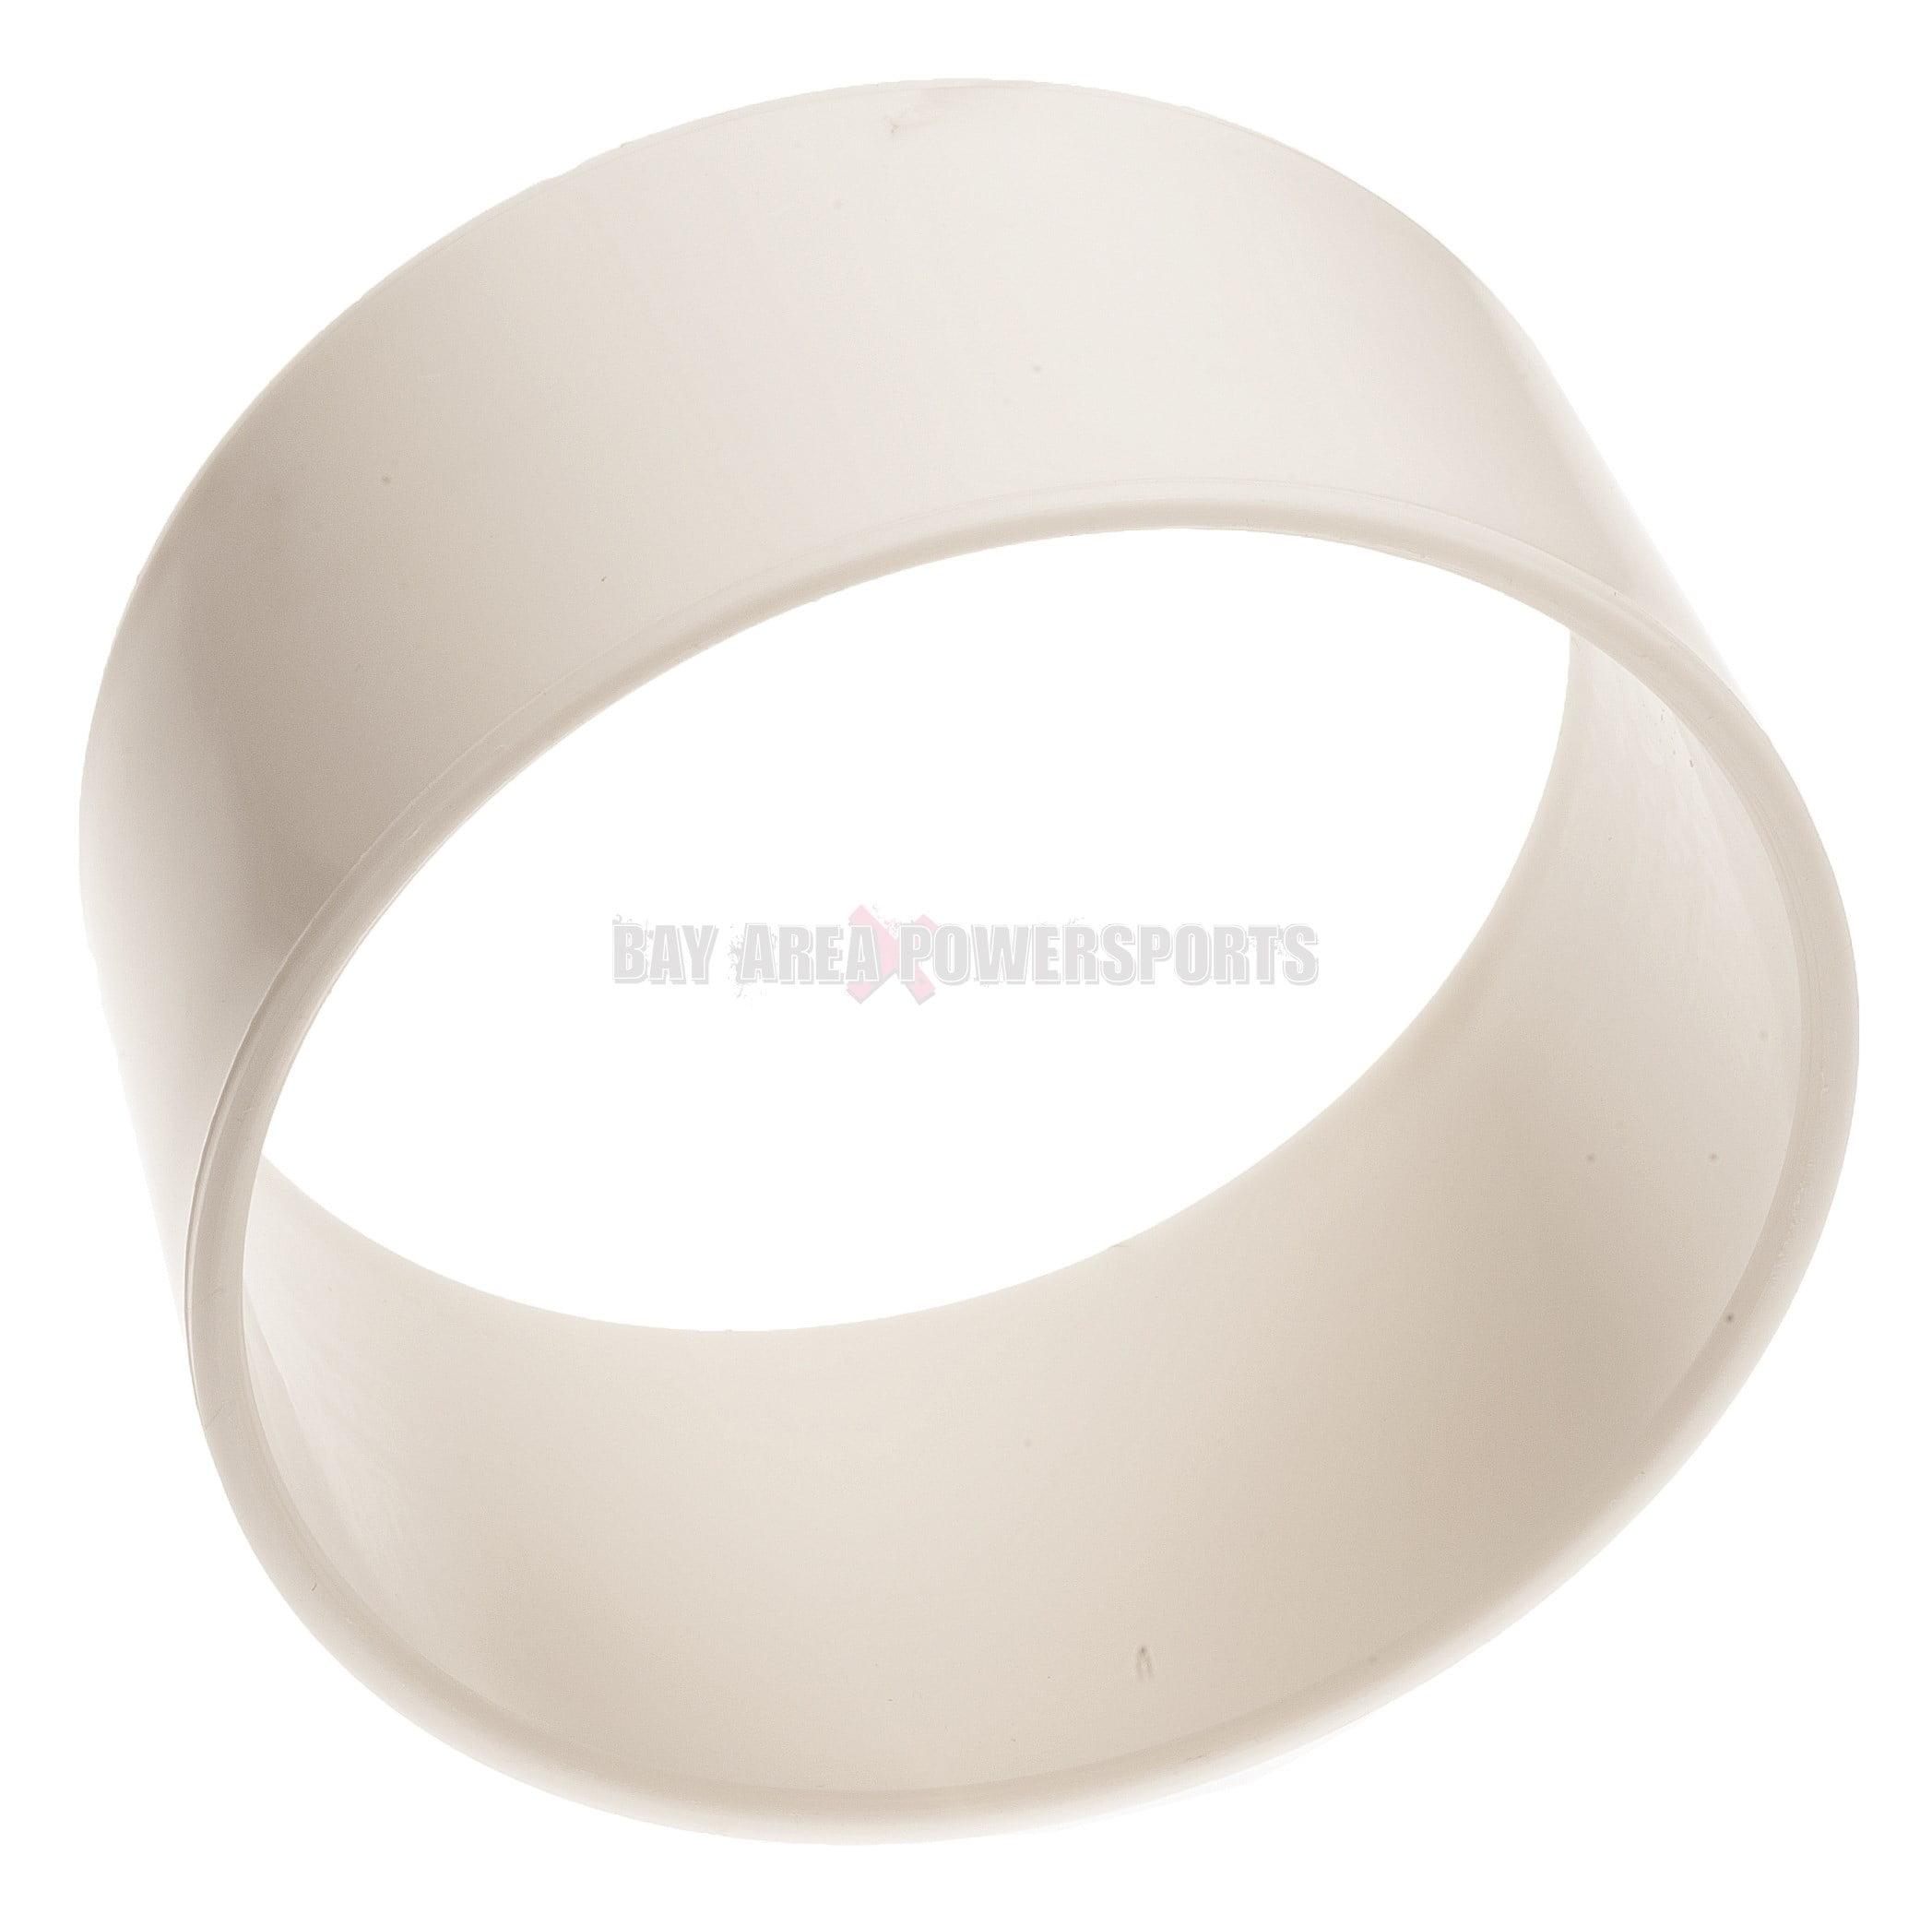 Sea Doo Wear Ring 267-000-105 267-000-372 267000105 267000372 4Tec RXPX RXTX